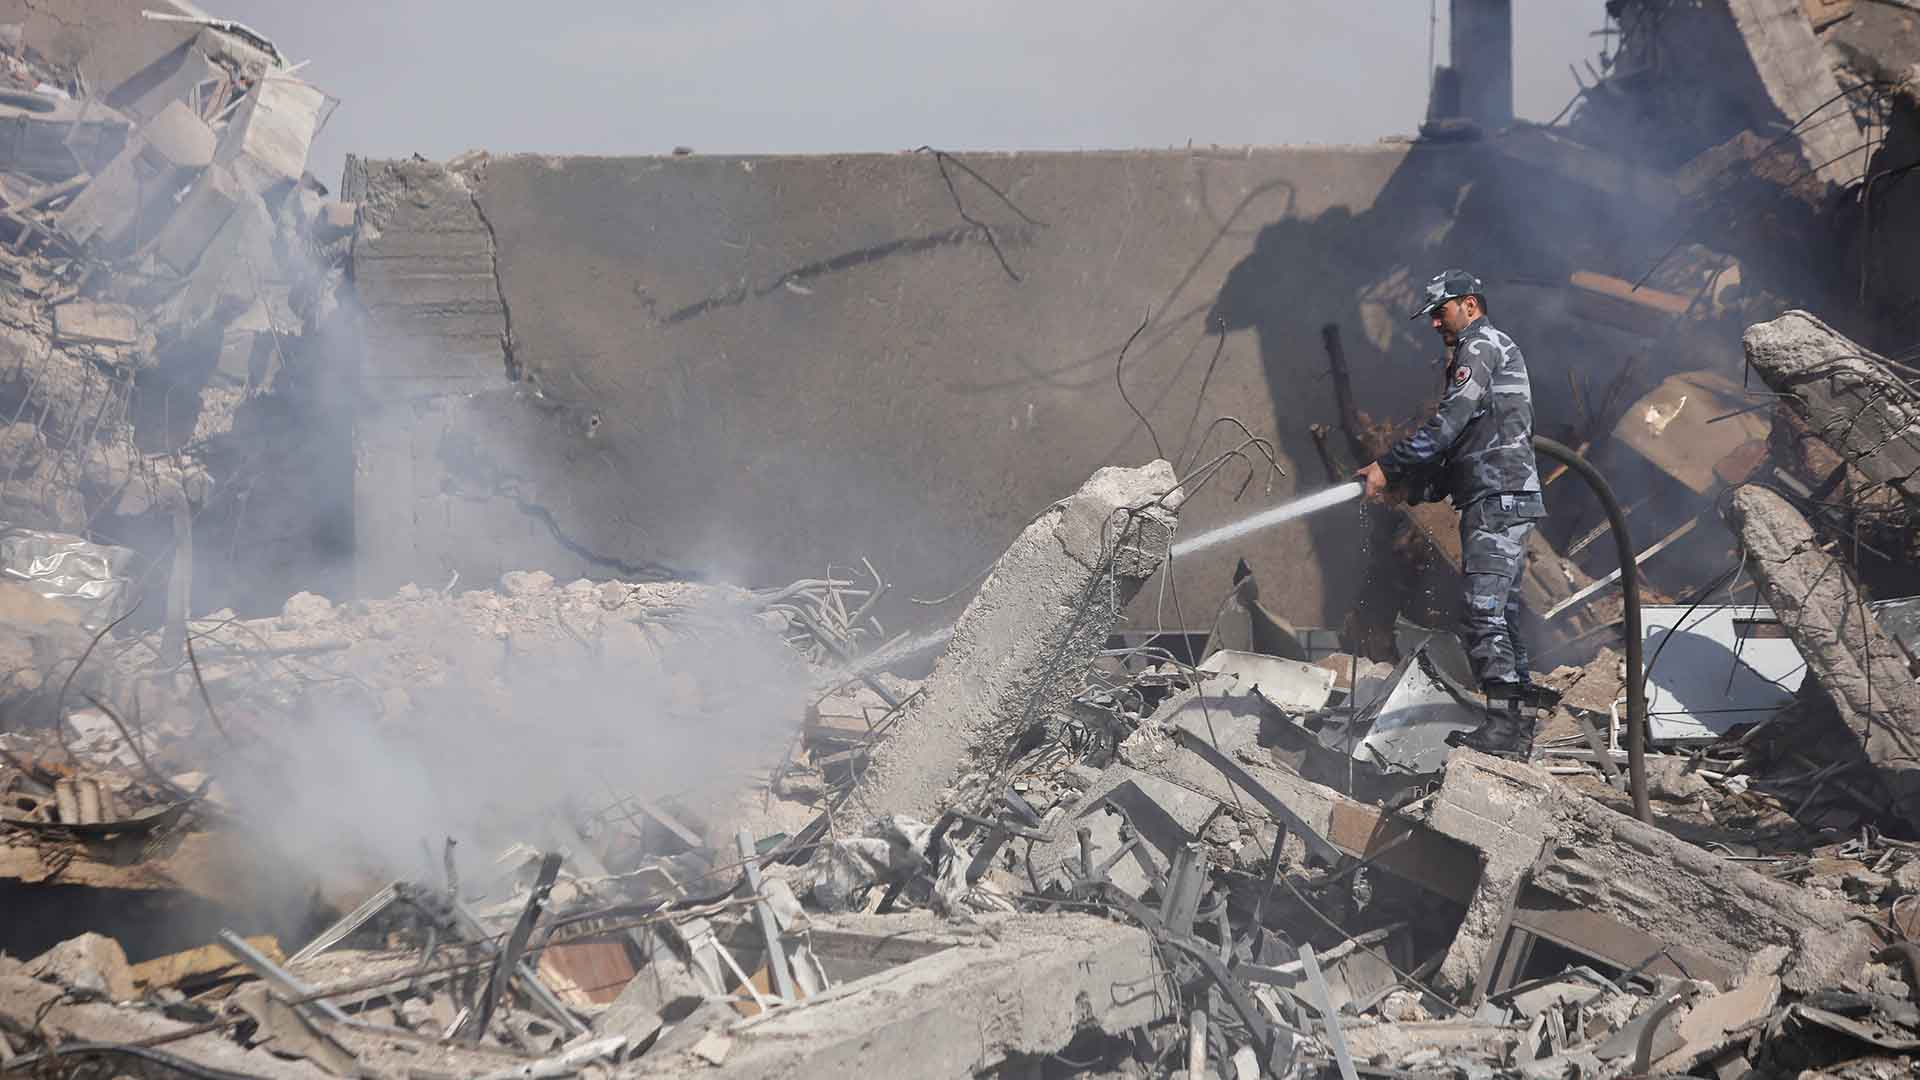 Un soldado sirio apaga las llamas tras el bombardeo contra el Centro de Investigación Científica de Damasco(REUTERS)